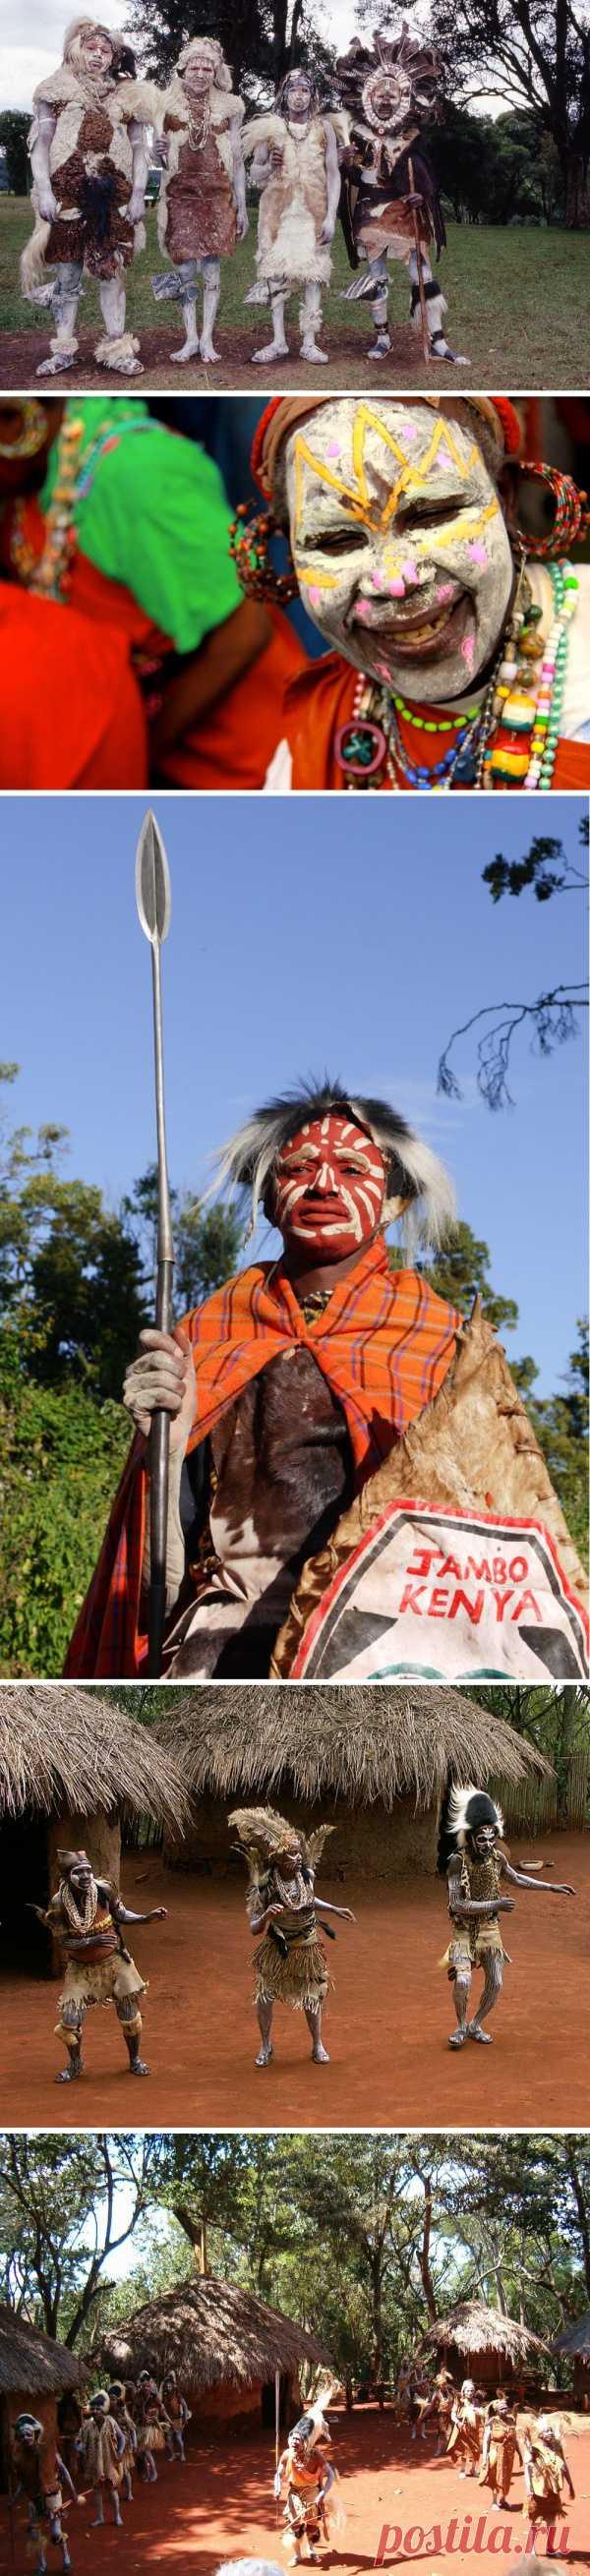 Современная Африка. Племя Кикуйю, Кения